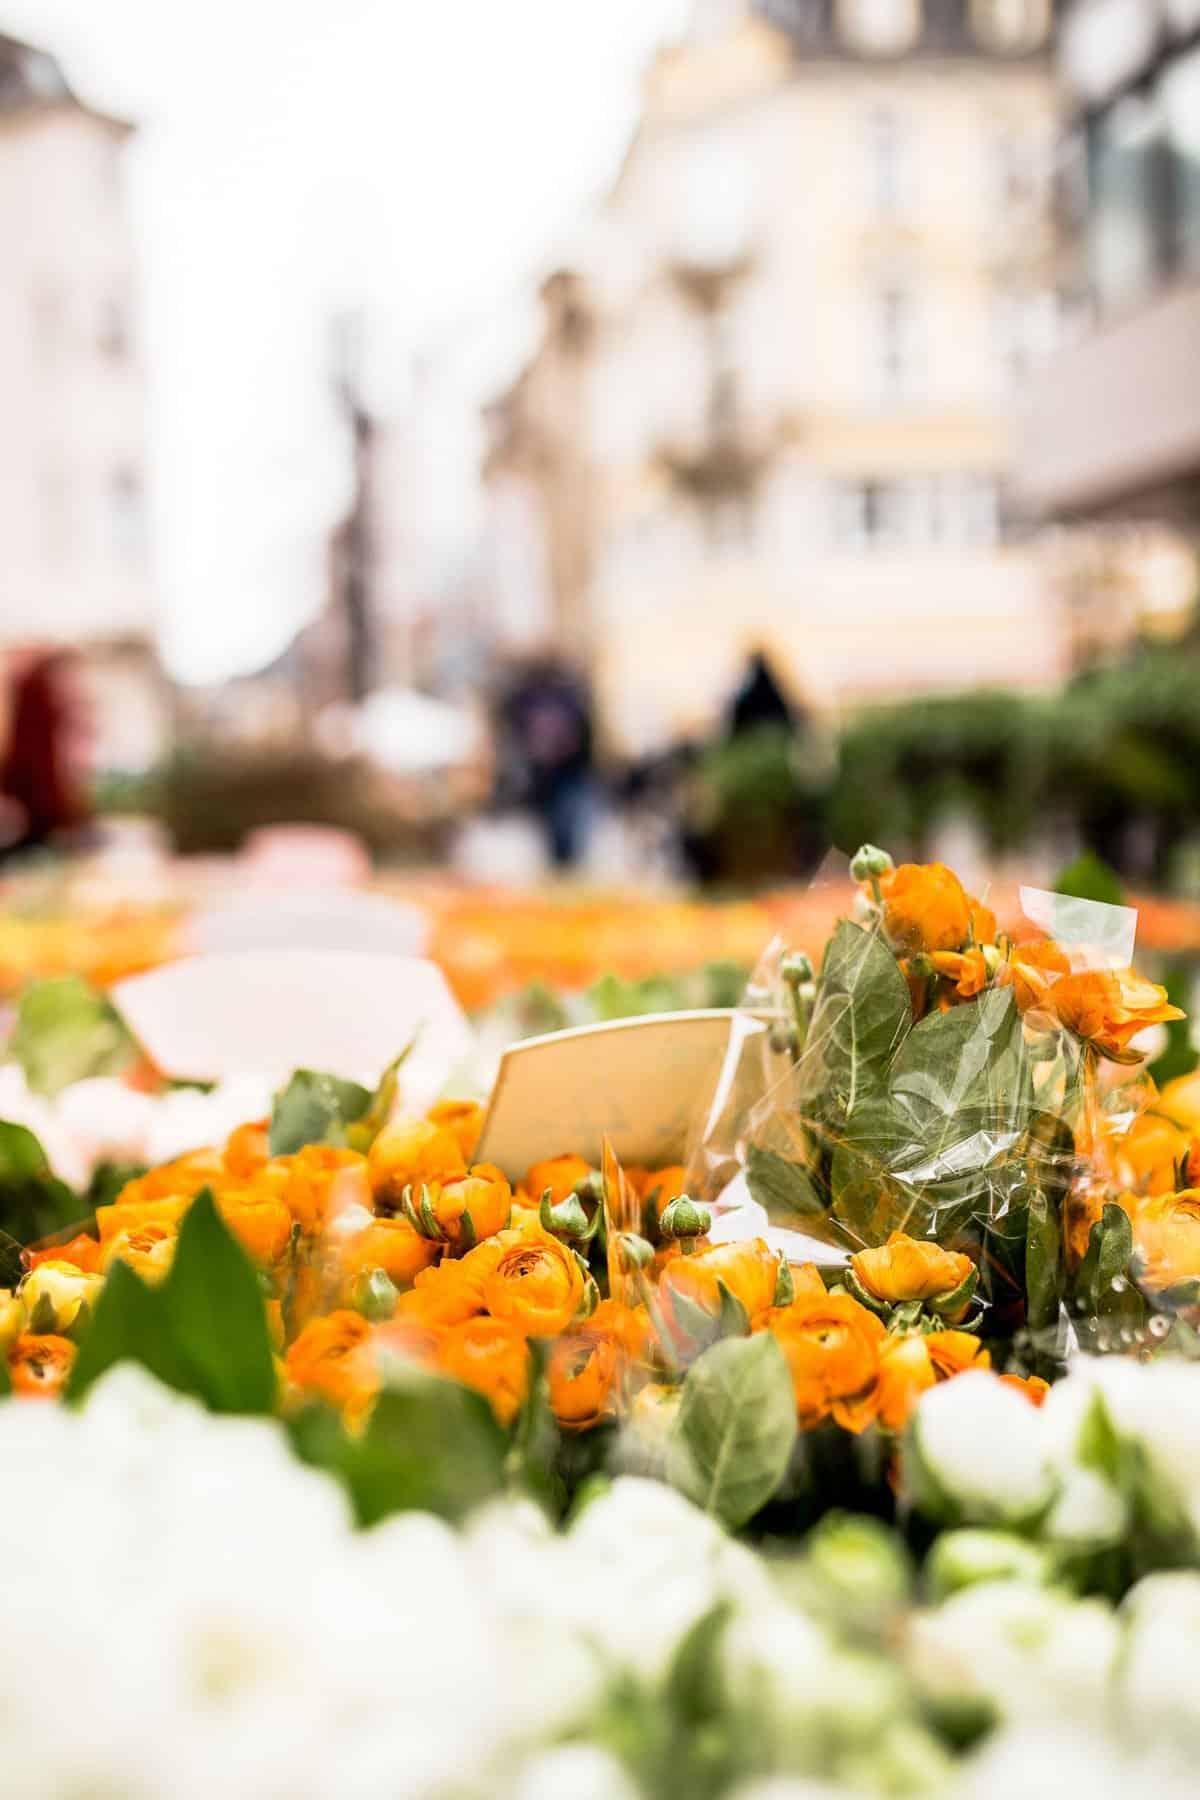 Bonn Flower Market